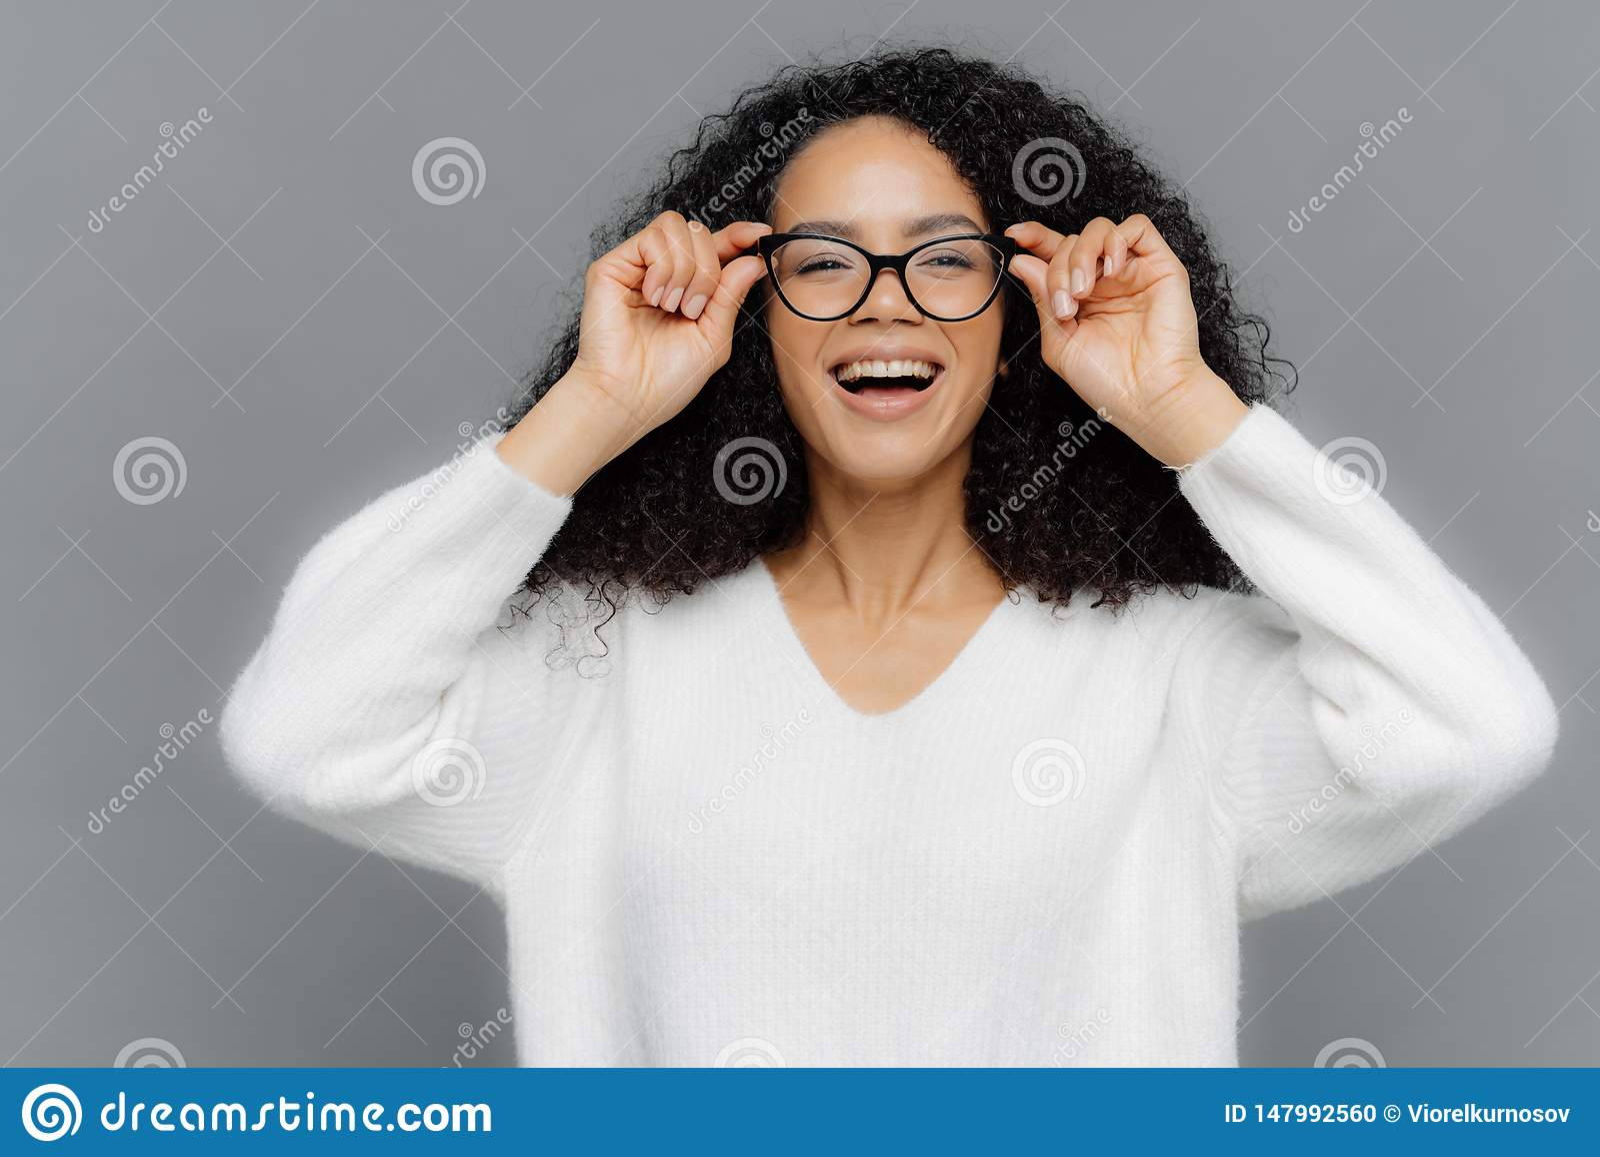 乐观可爱的妇女照片通过眼镜愉快地看,保留在眼镜外缘的手,注意宜人的事,